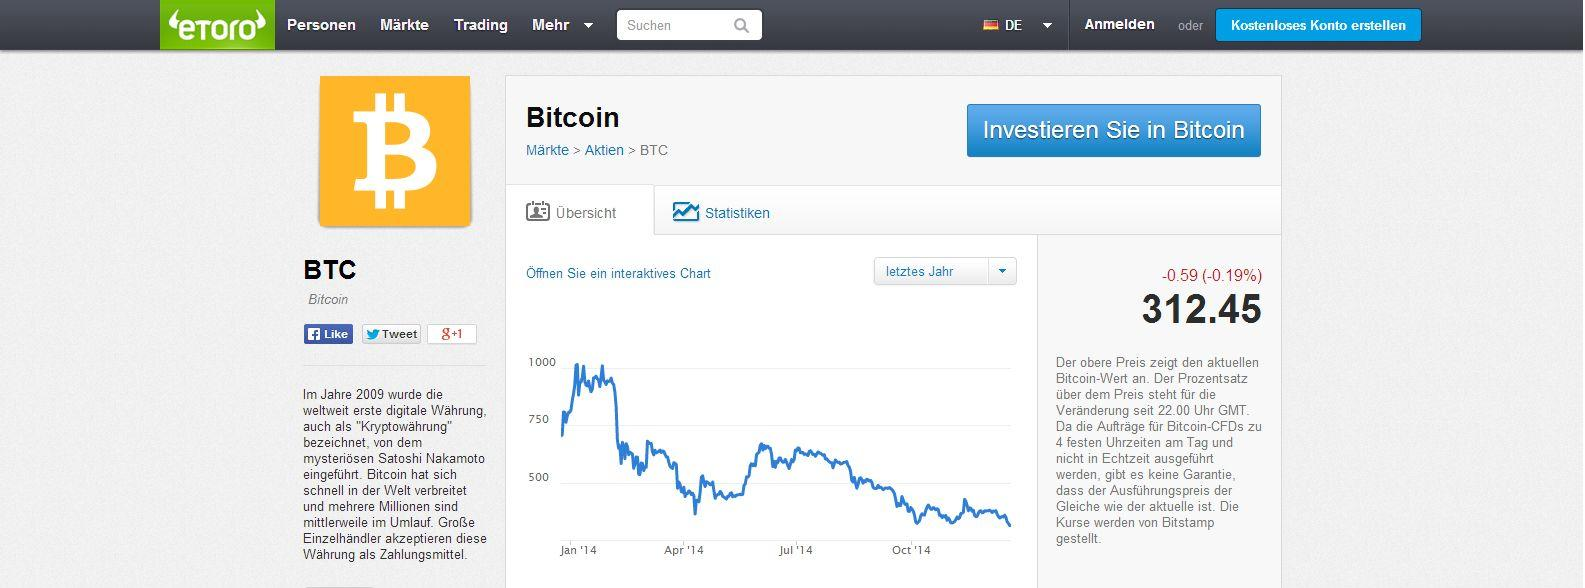 eToro bietet neben dem bekanntesten Coin auch weitere Kryptowährungen an